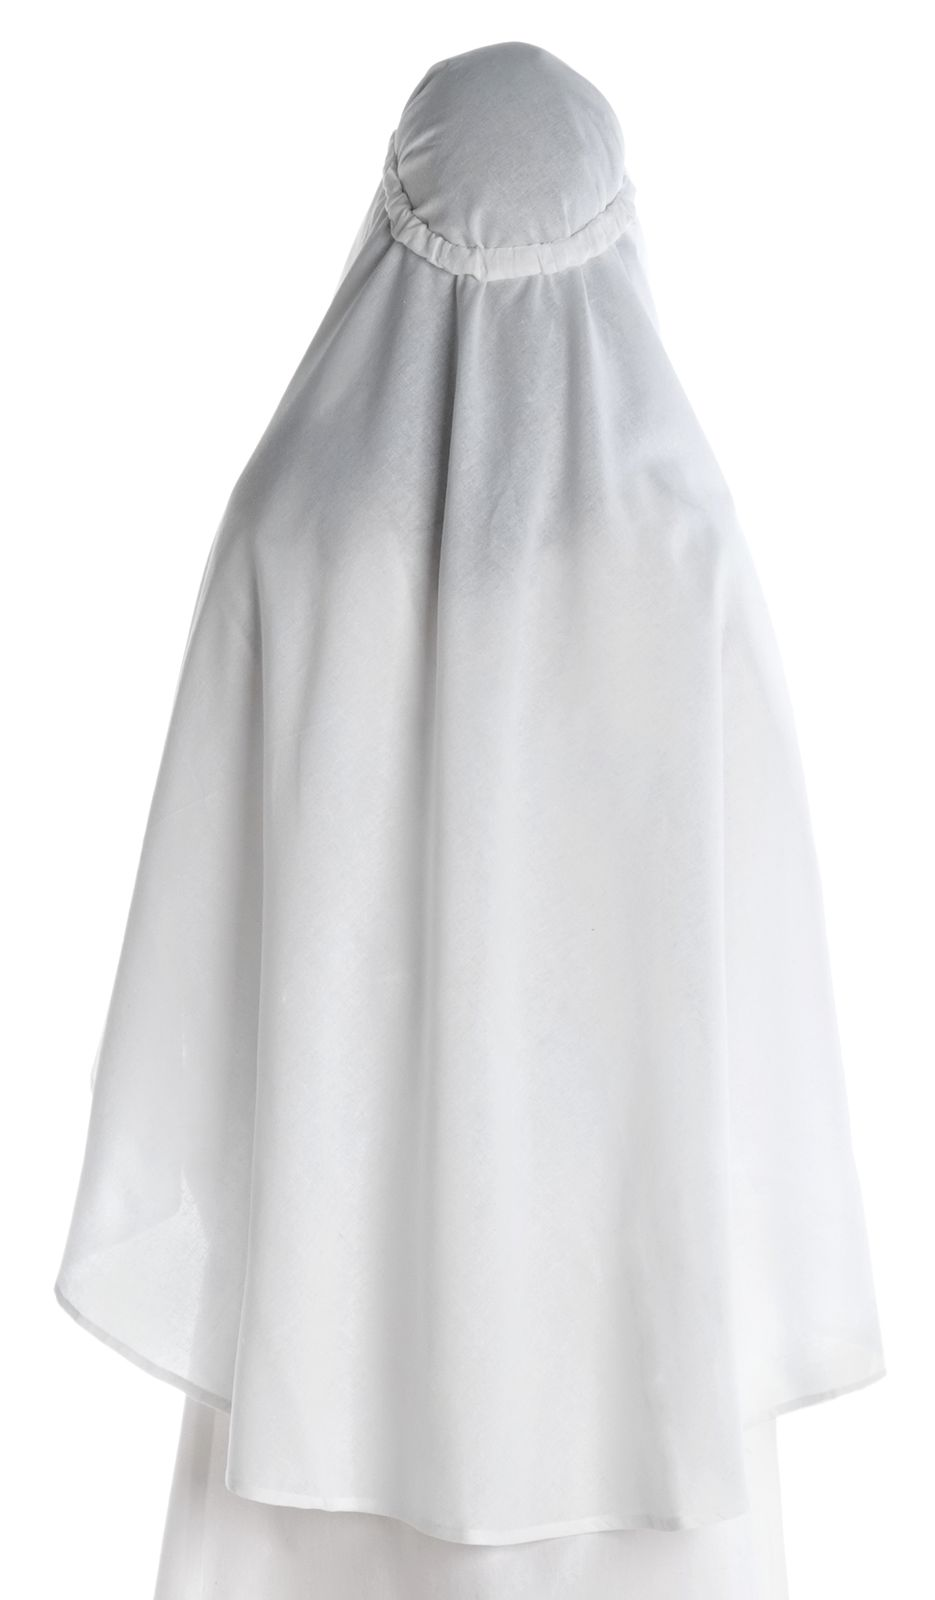 SchwarzHEMAD Gewandung LARP Mittelalter Schleier Vör aus Baumwolle Weiß